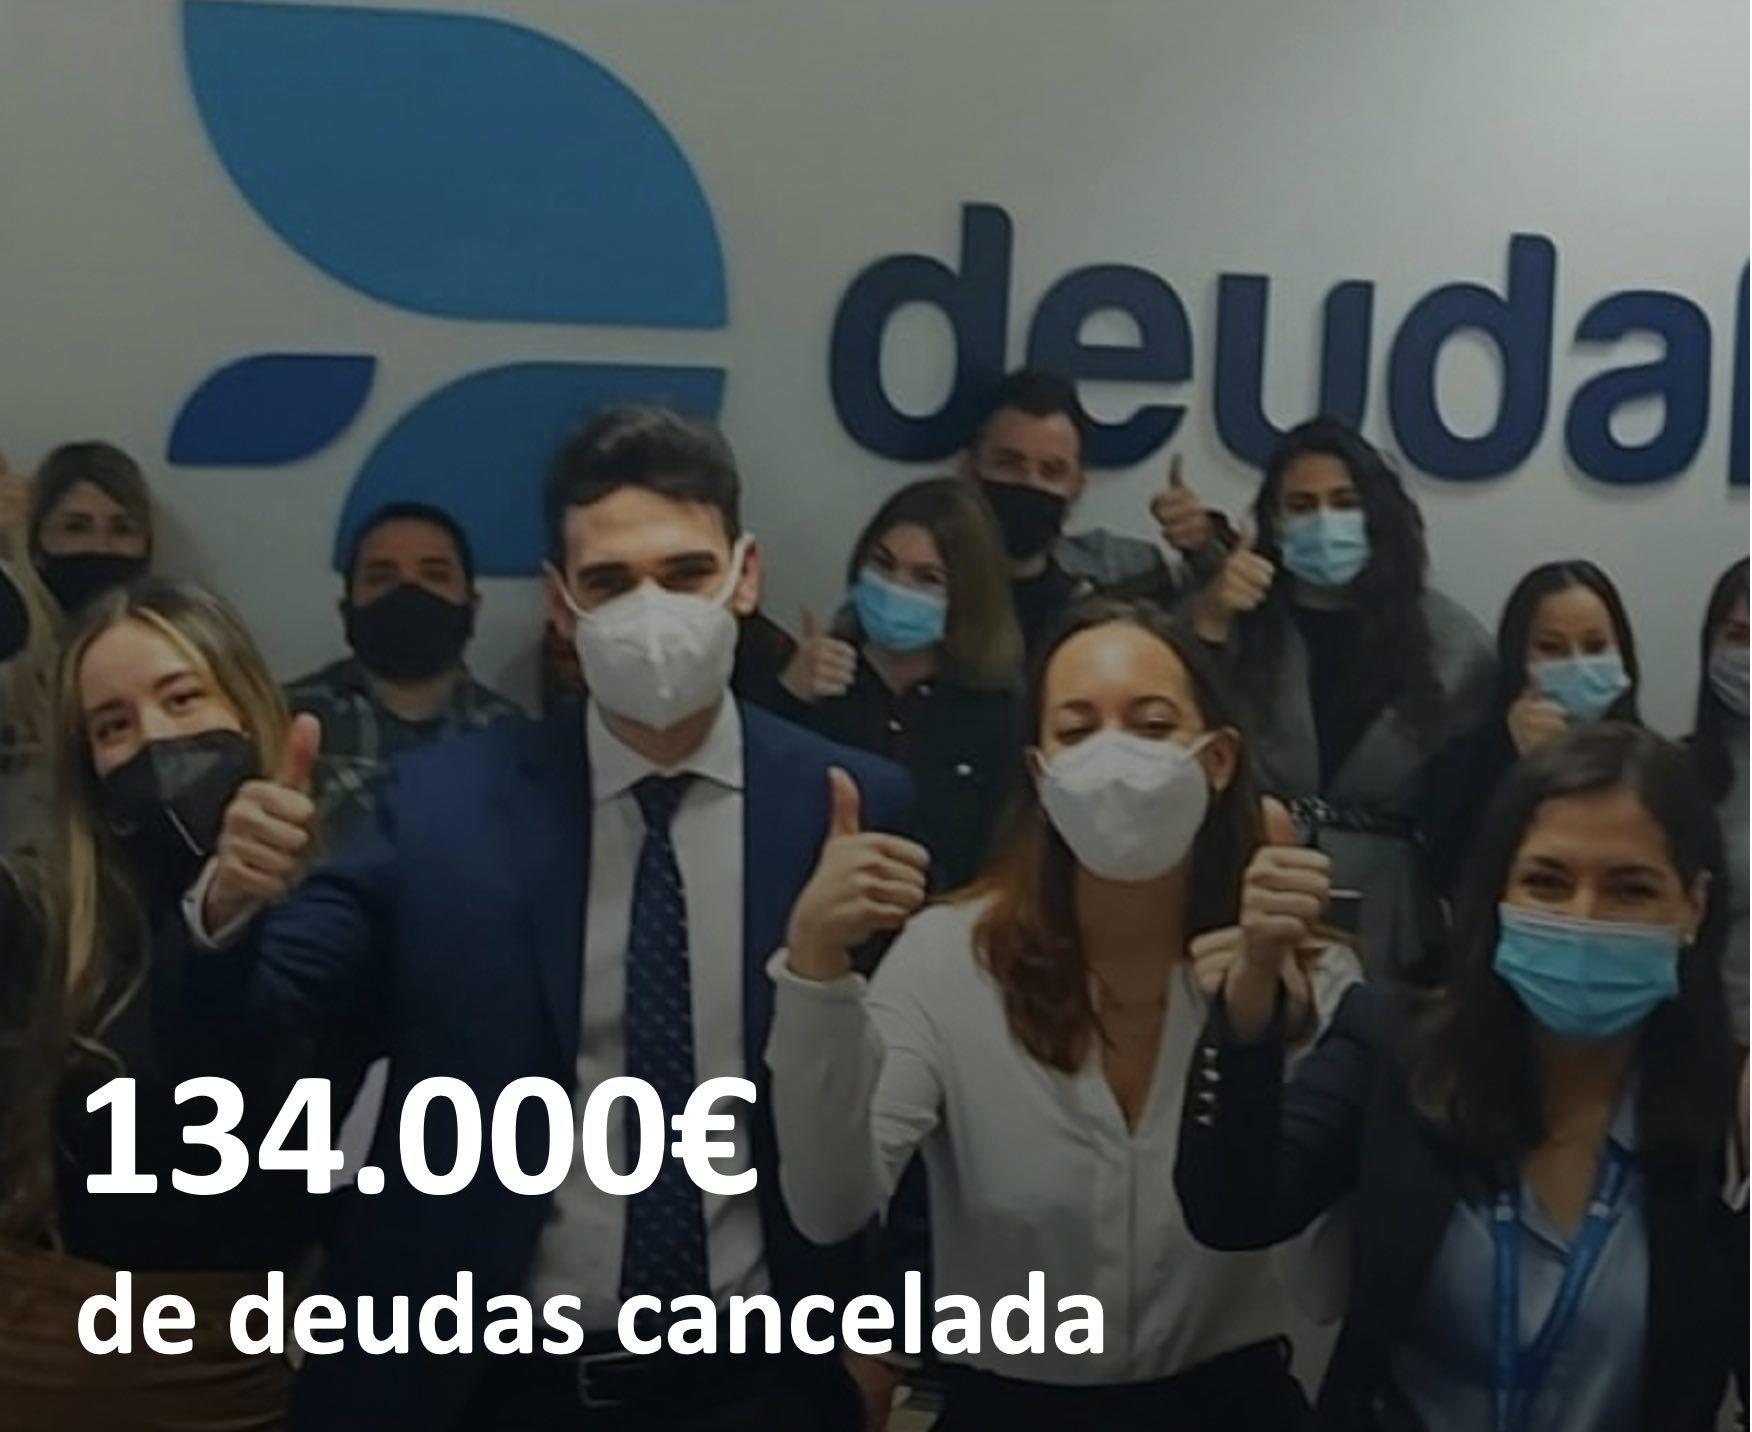 Deudafix anula deudas de 134.000€ a un residente de Zaragoza con la Ley de Segunda Oportunidad